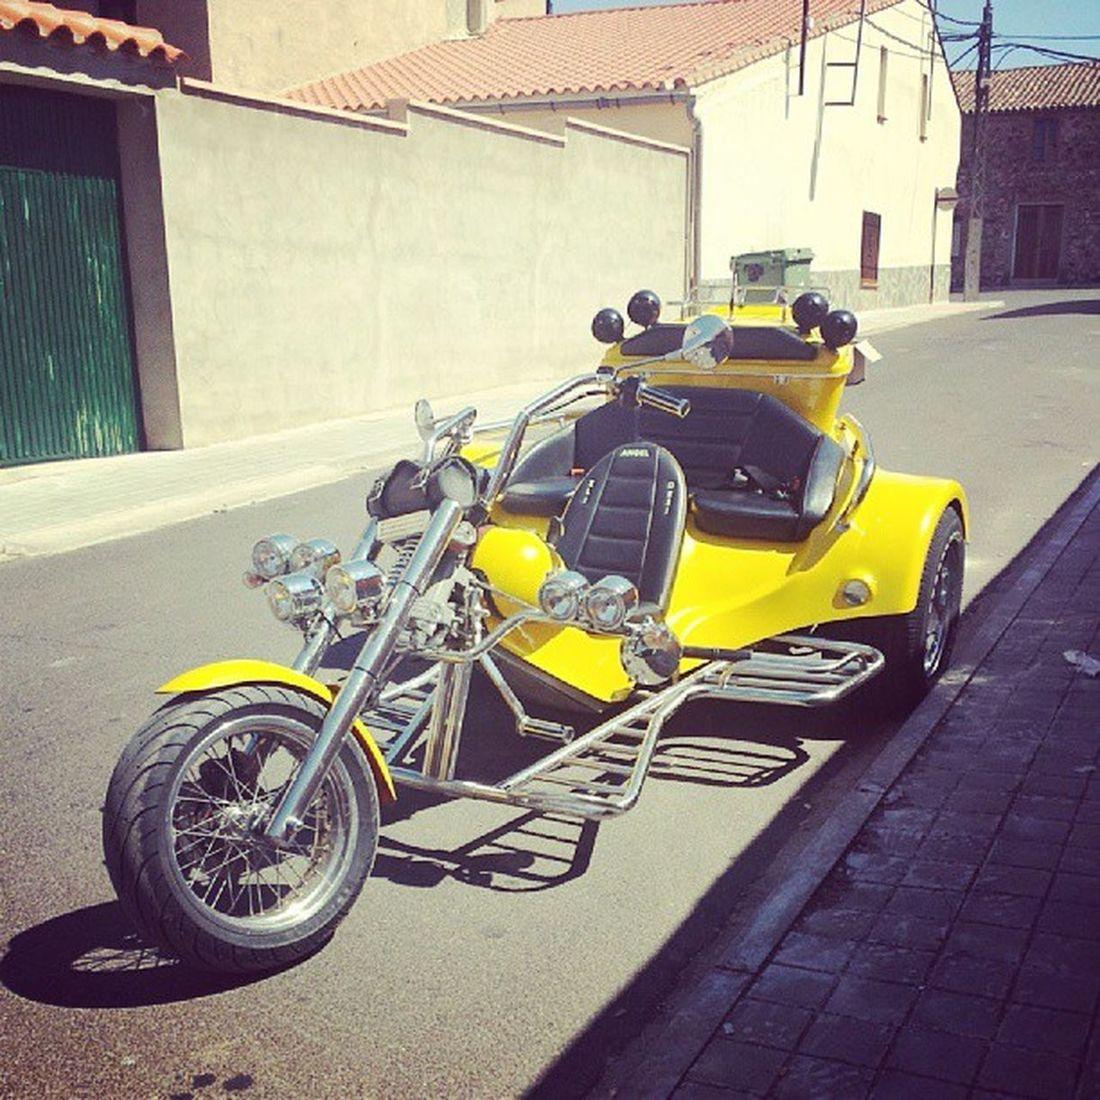 Vehiculo  Triciclo Moto en Saceruela Ciudadreal @carrlafdez